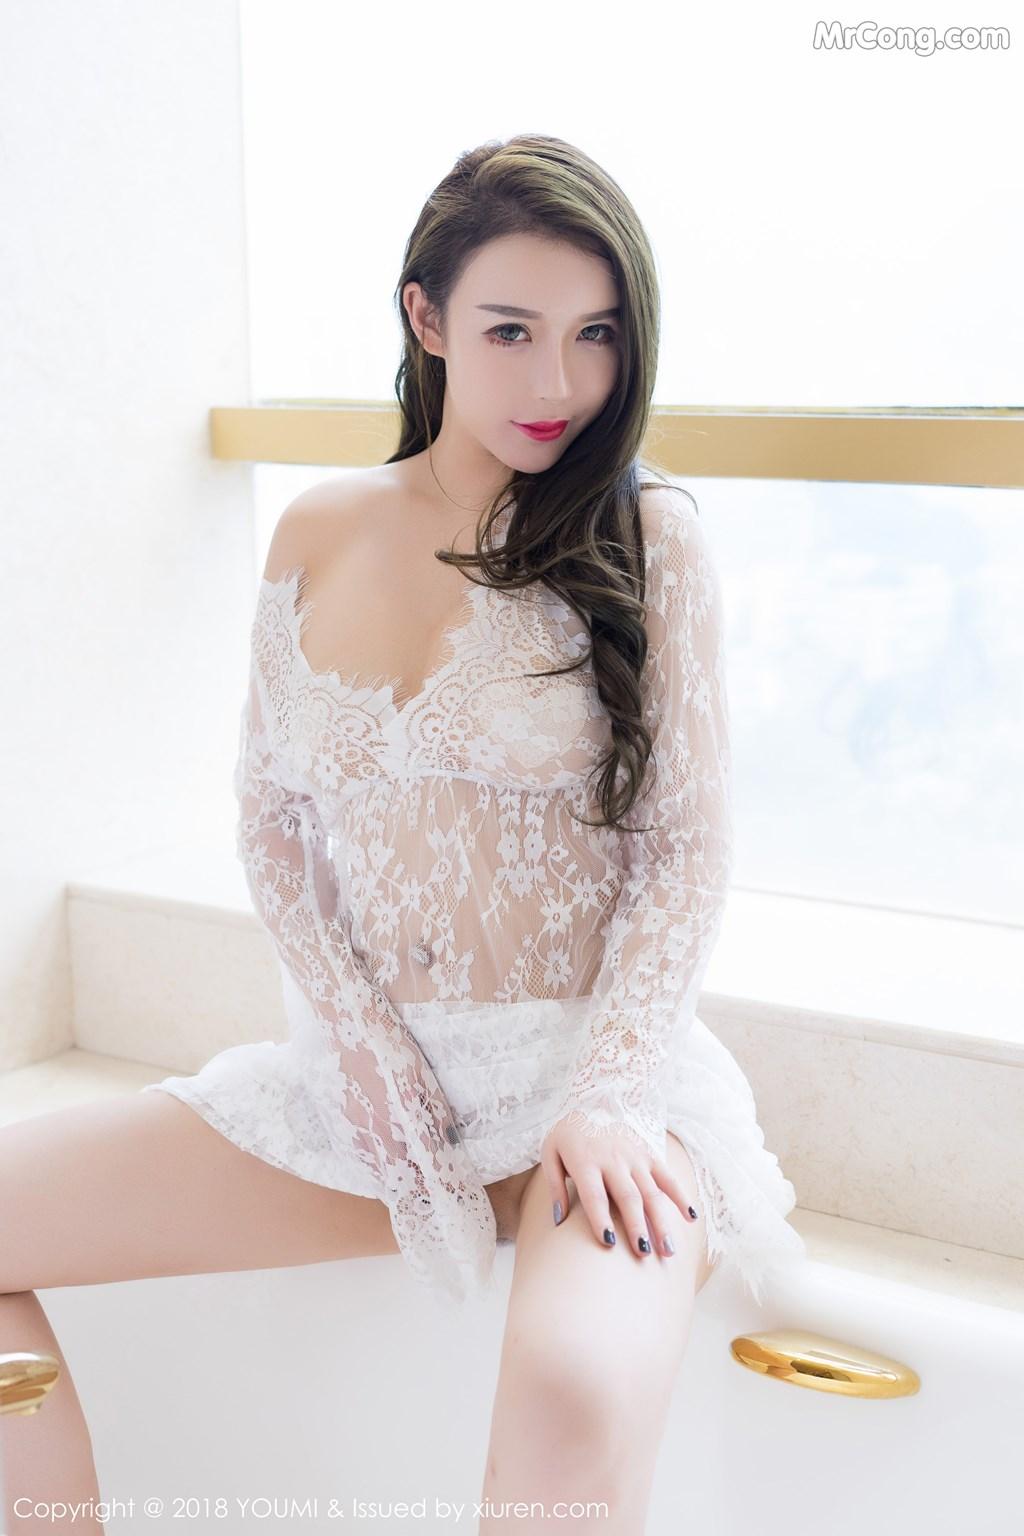 Image YouMi-Vol.113-Egg-MrCong.com-010 in post YouMi Vol.113: Người mẫu Egg-尤妮丝 (42 ảnh)